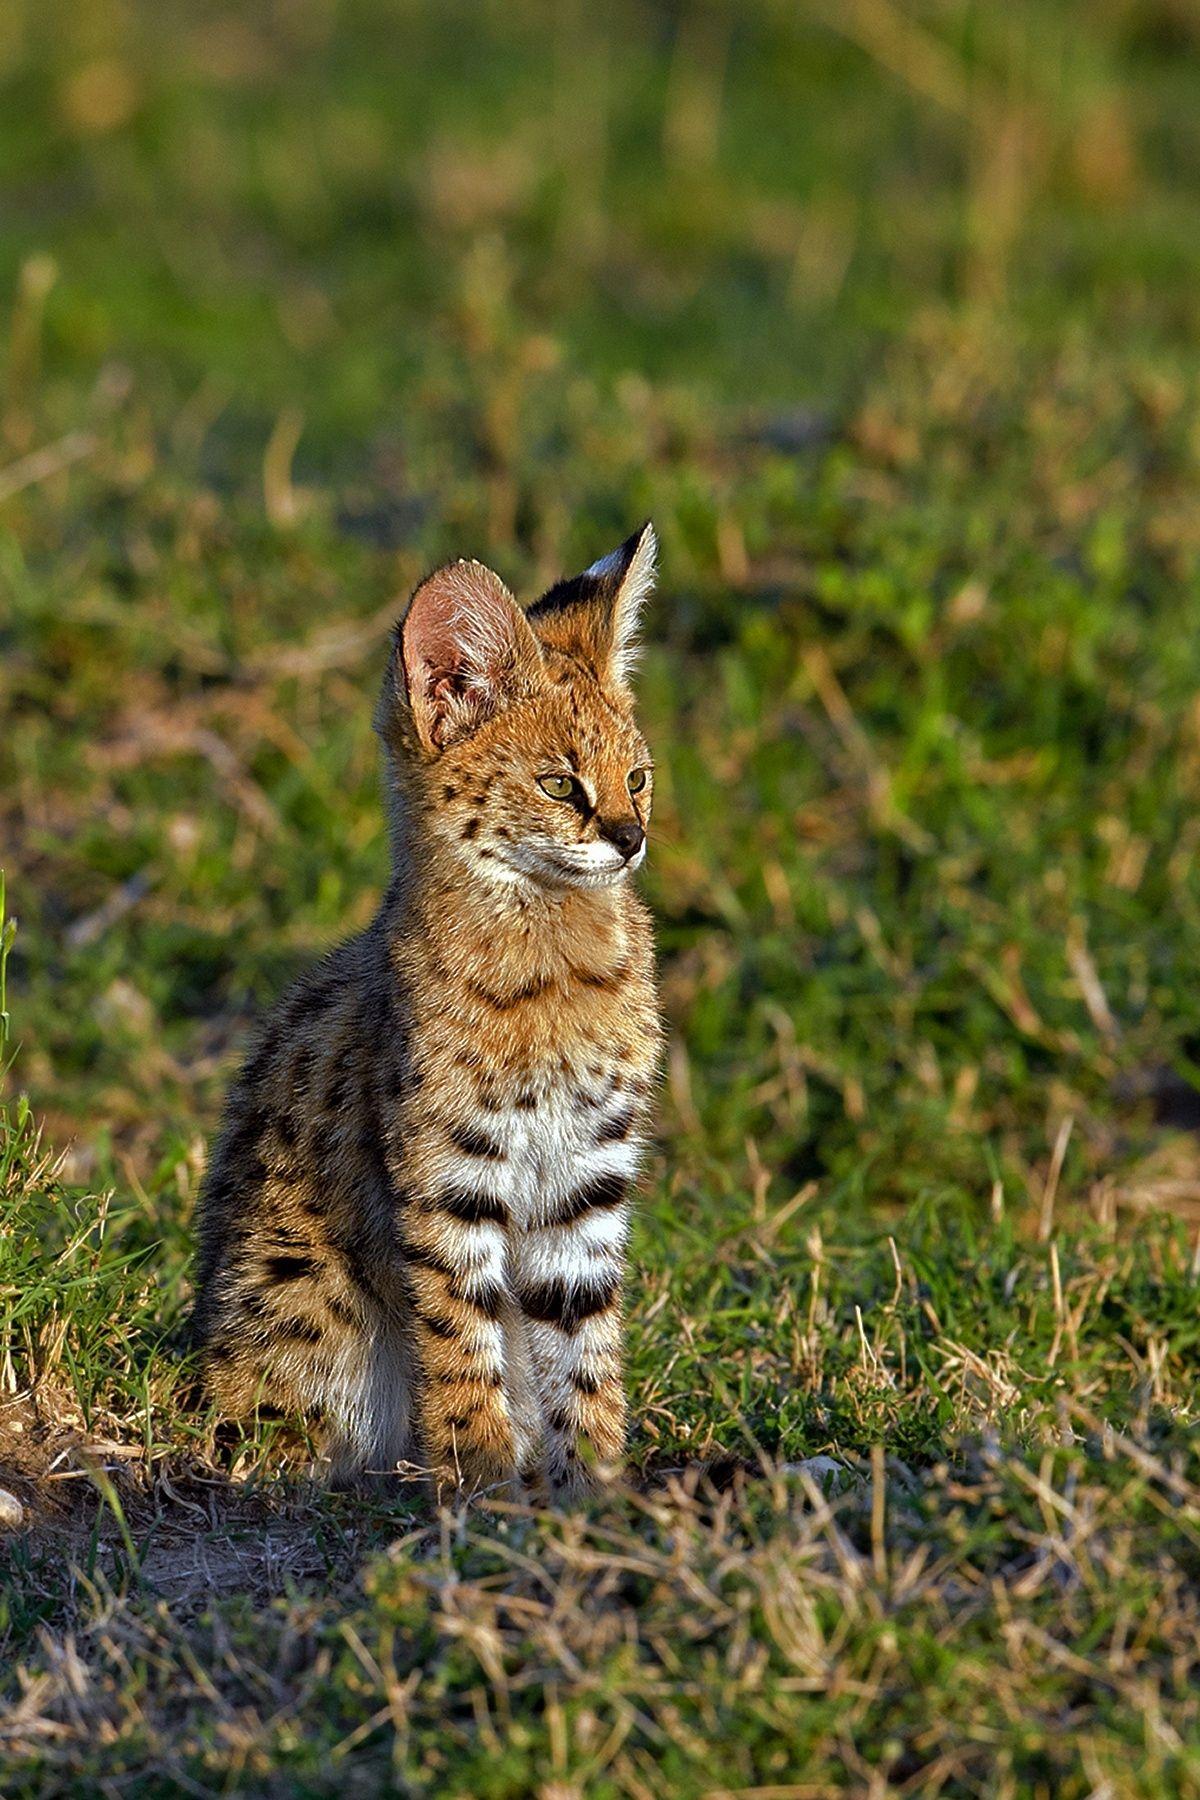 Serval kitten e of 2 Serval kittens in beautiful golden light